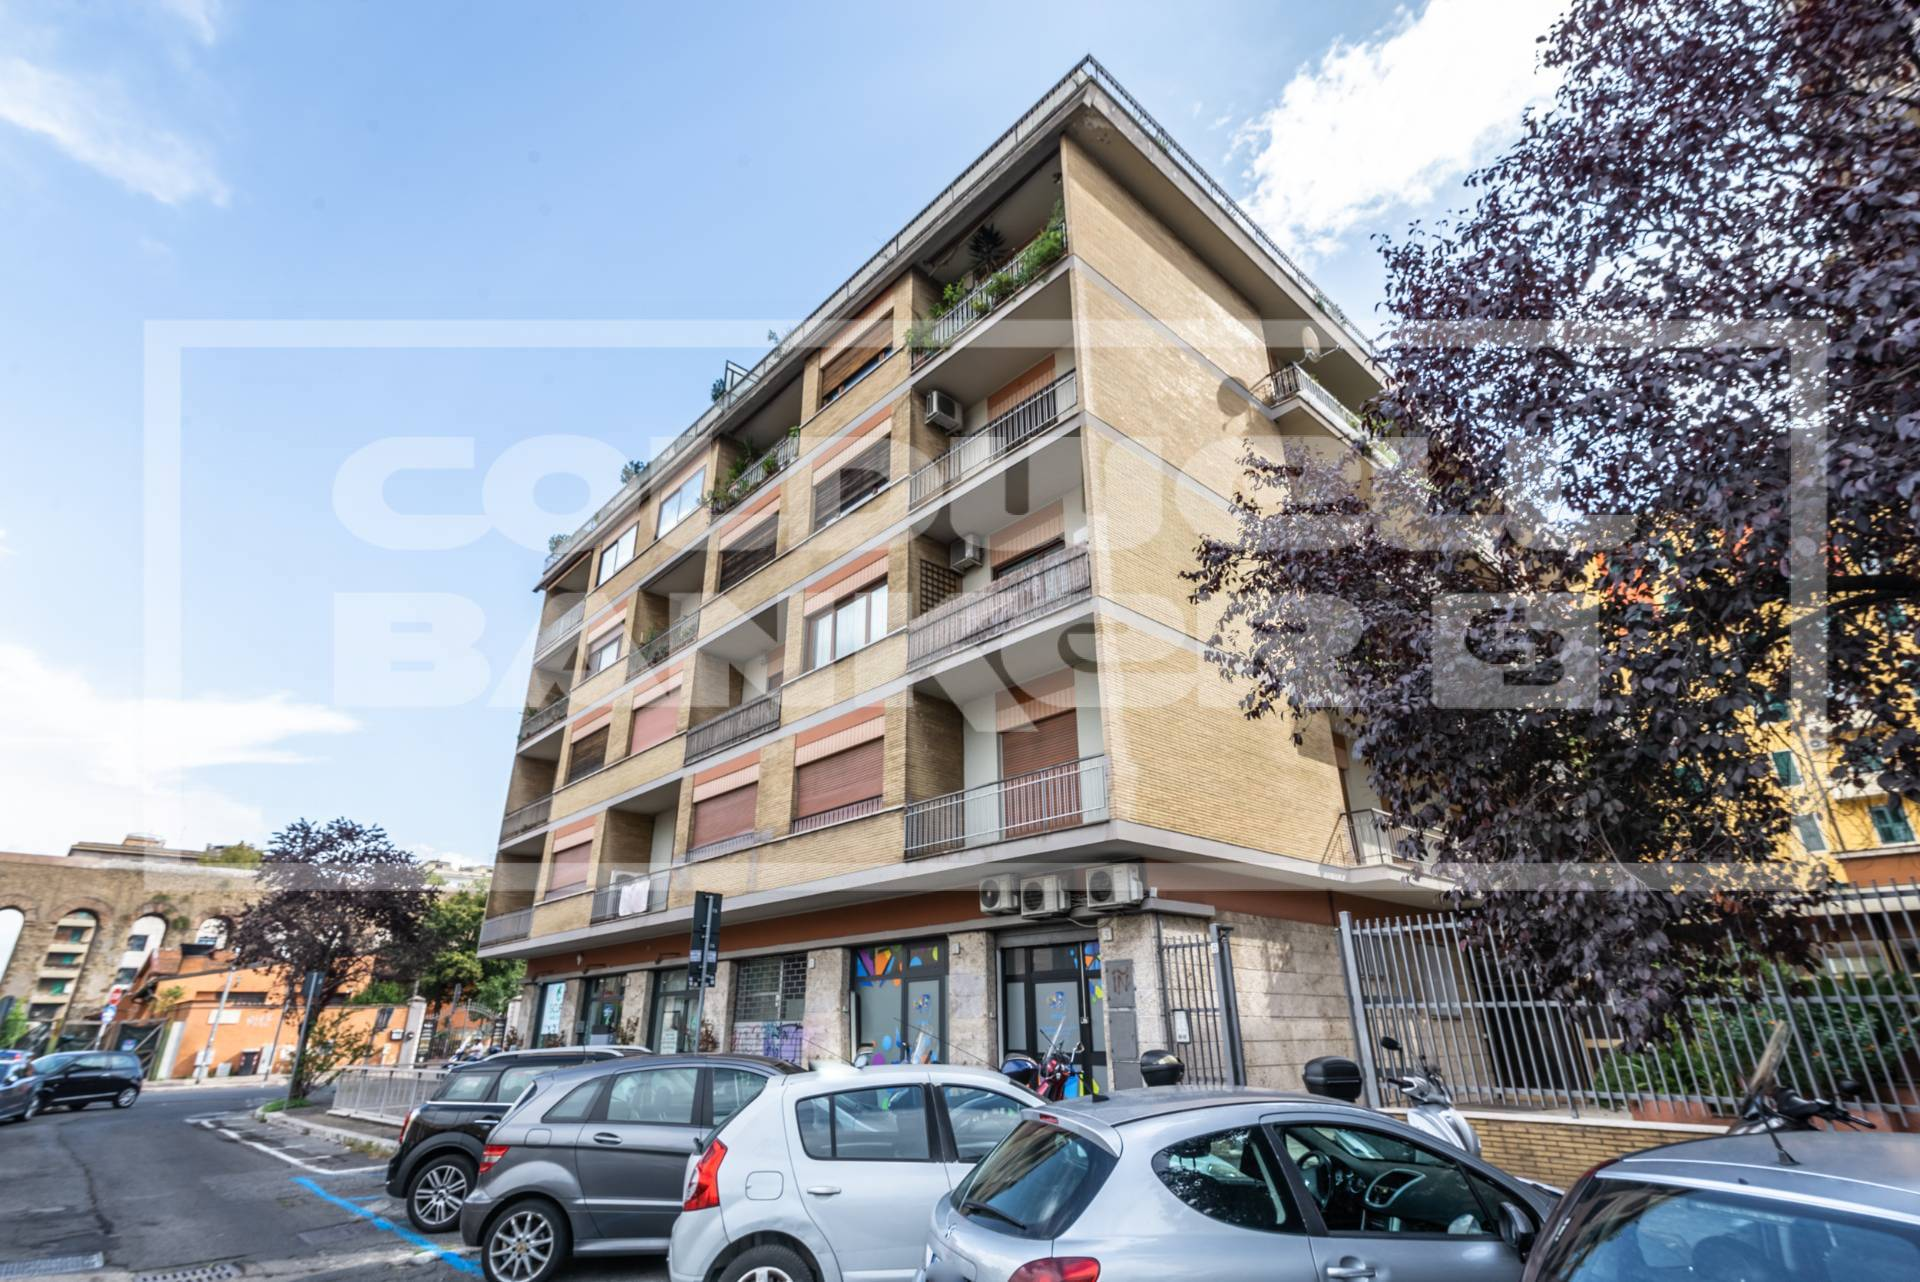 UFFICIO in Affitto a S.Giovanni, Roma (ROMA)